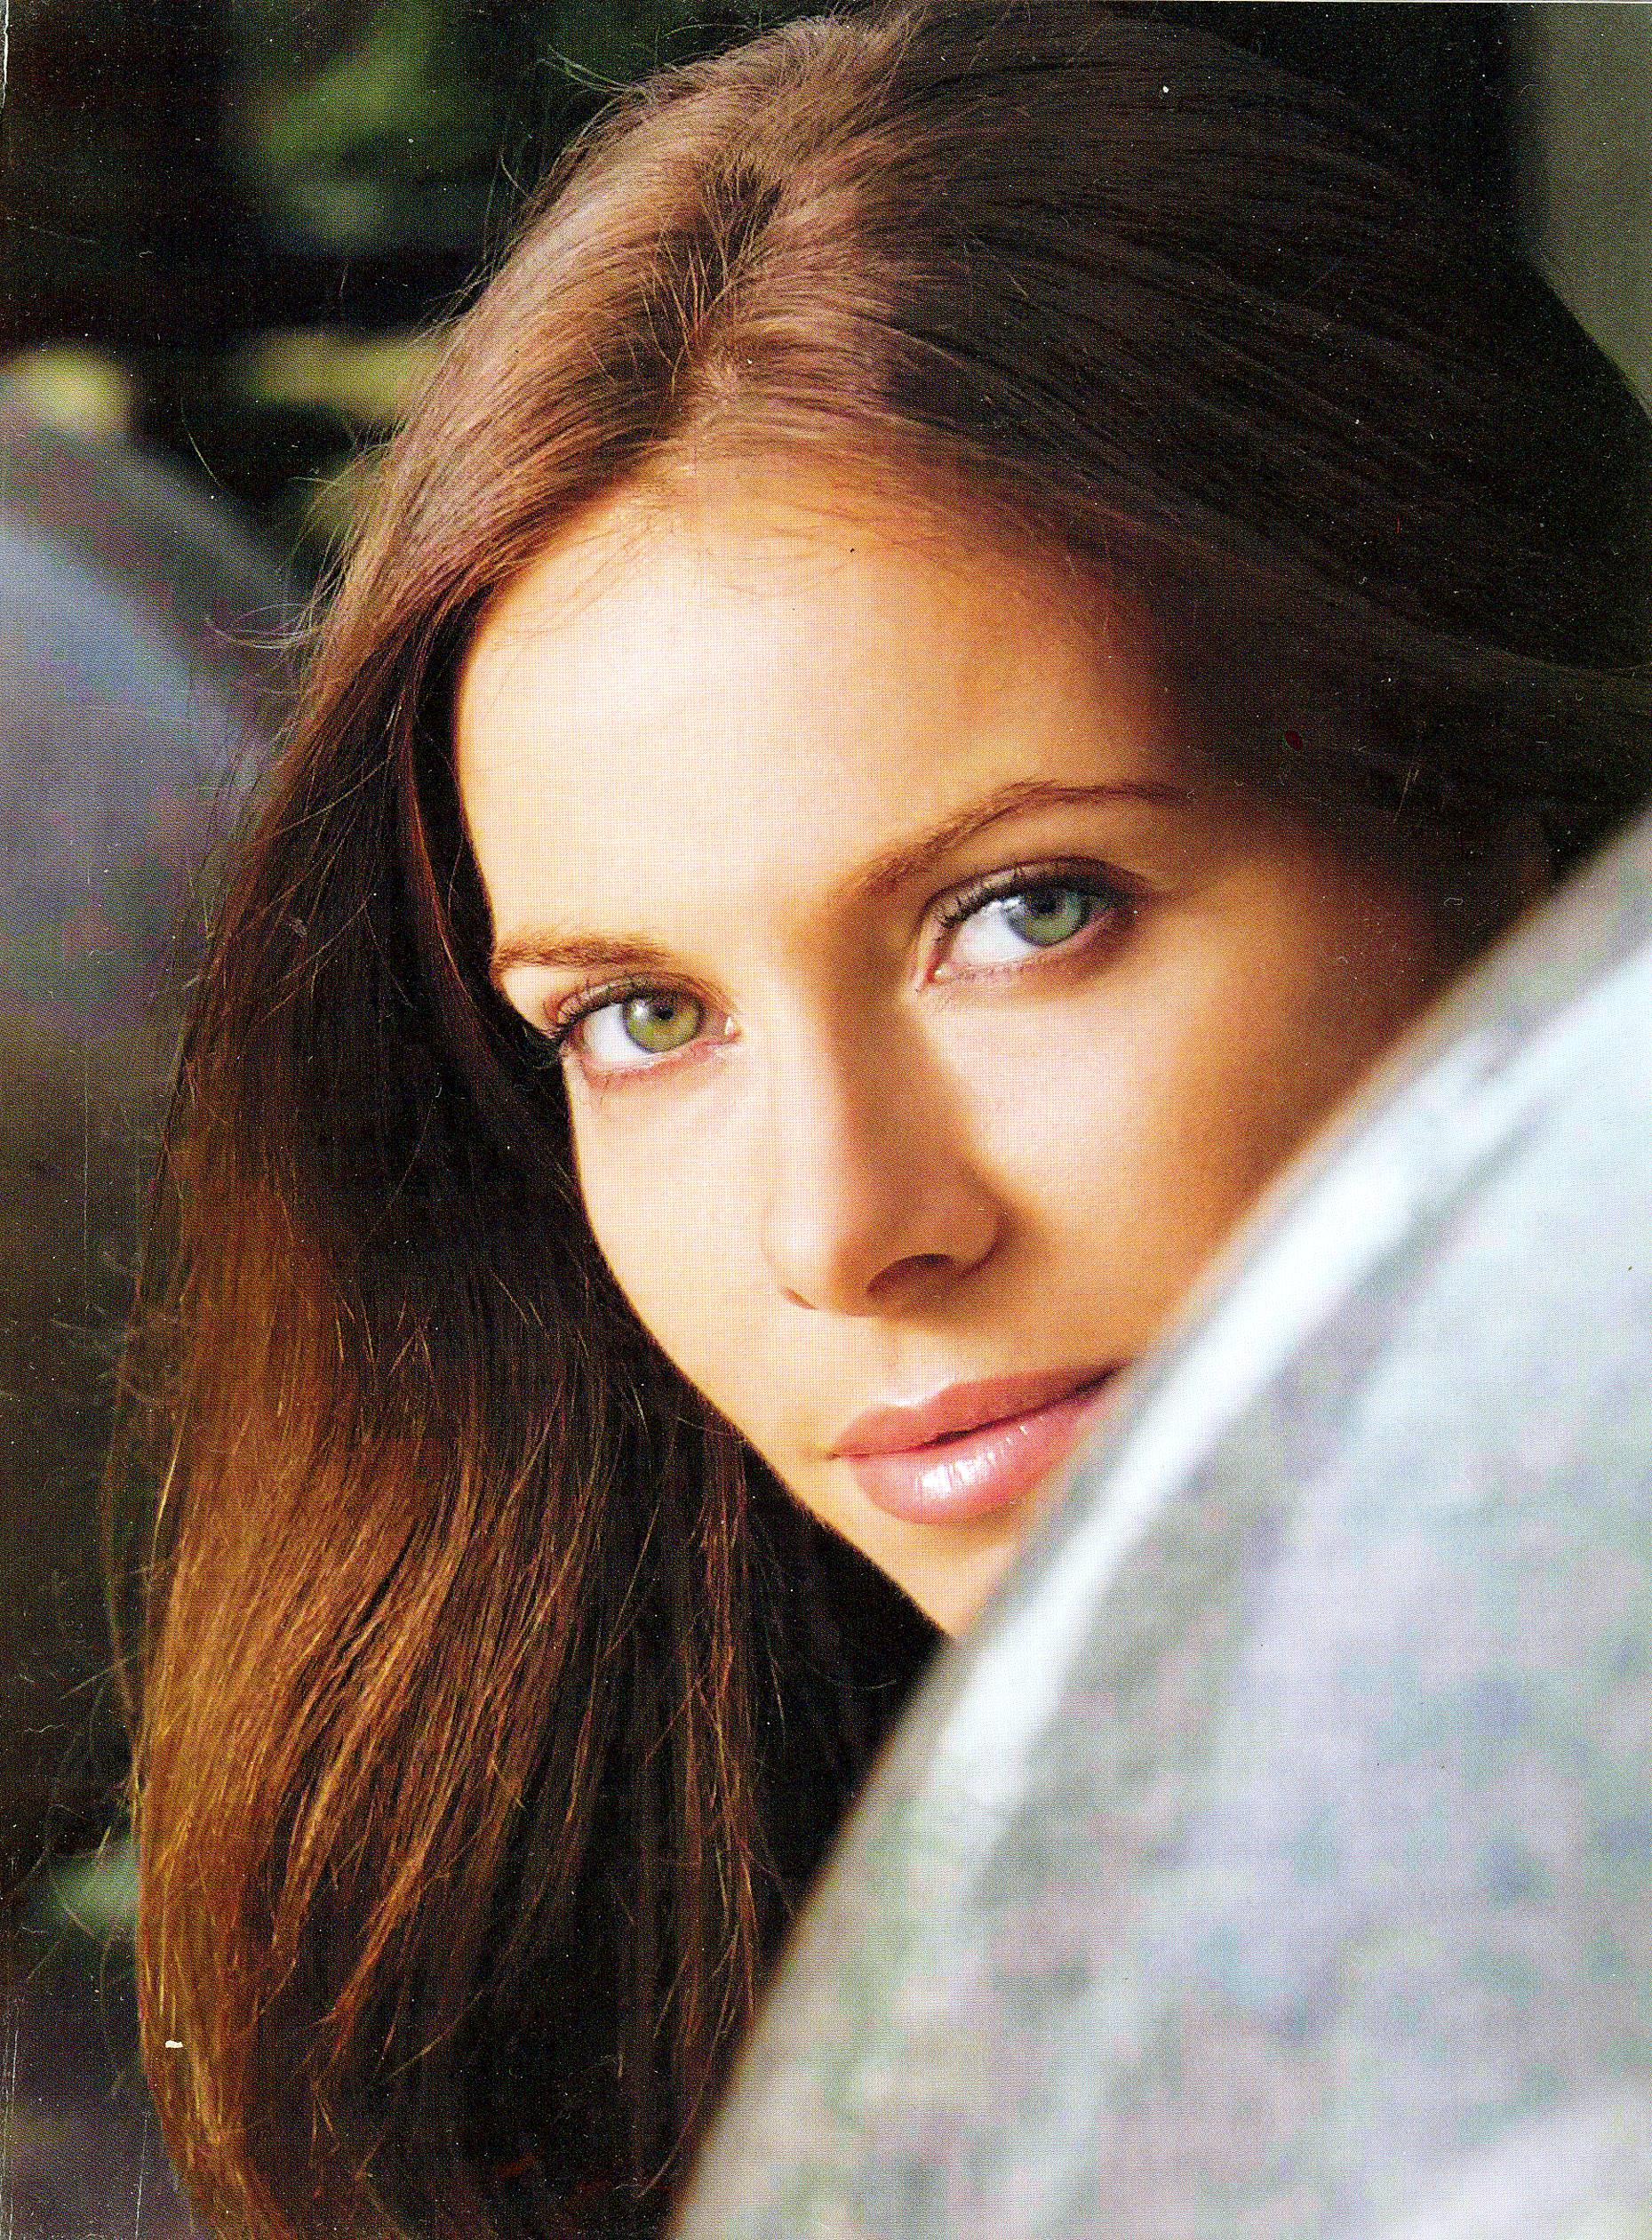 Екатерина гусева ekaterina guseva фото 617229